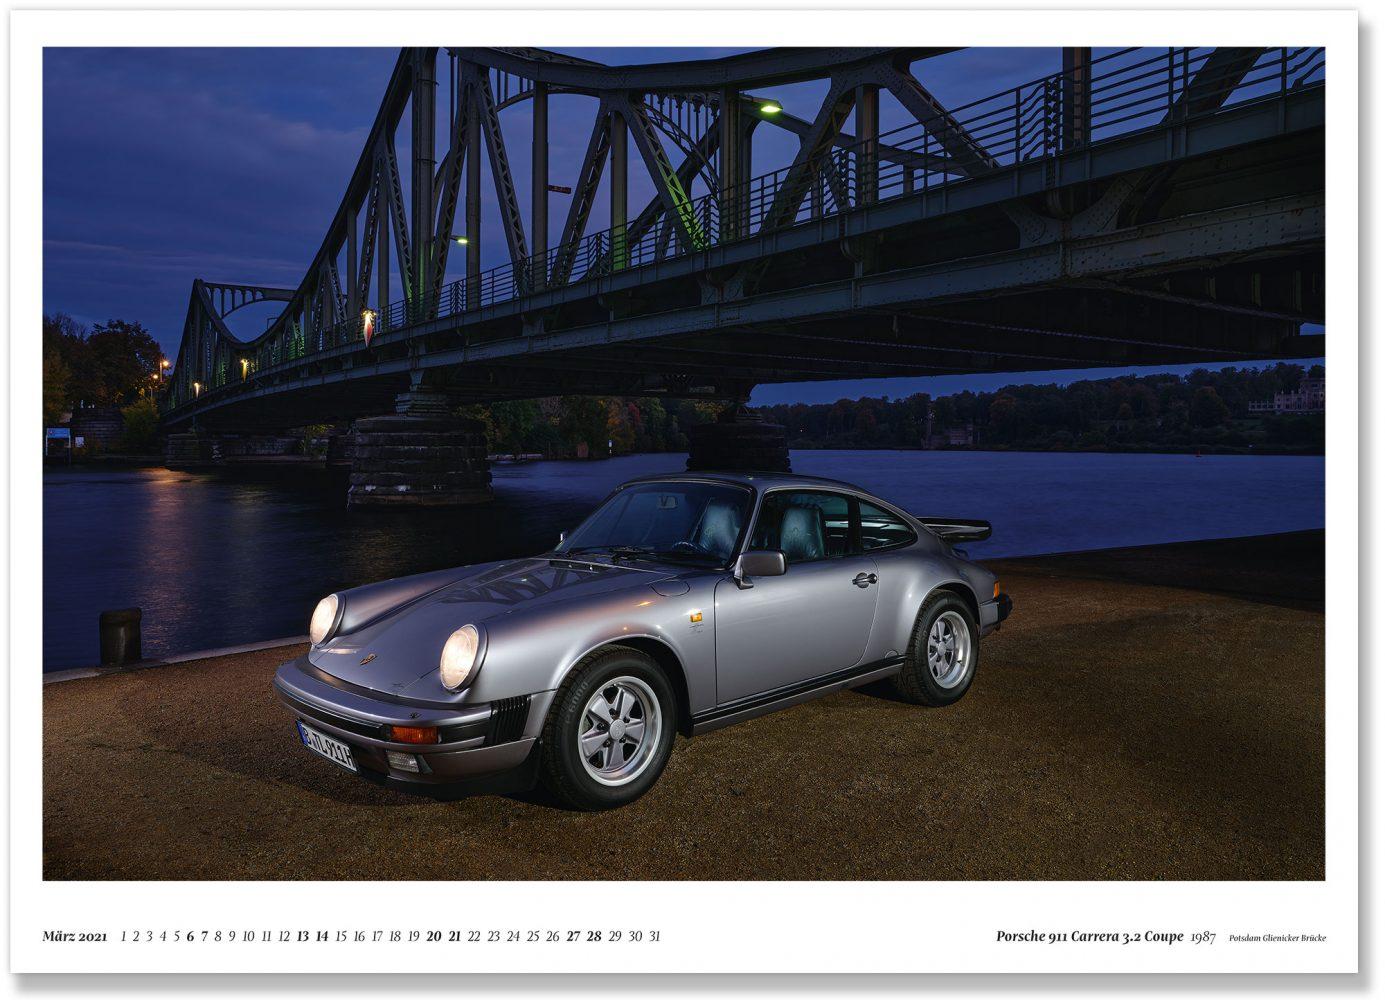 Porsche 911 Carrera 3.2 Coupe 1987 Potsdam Glienicker Brücke